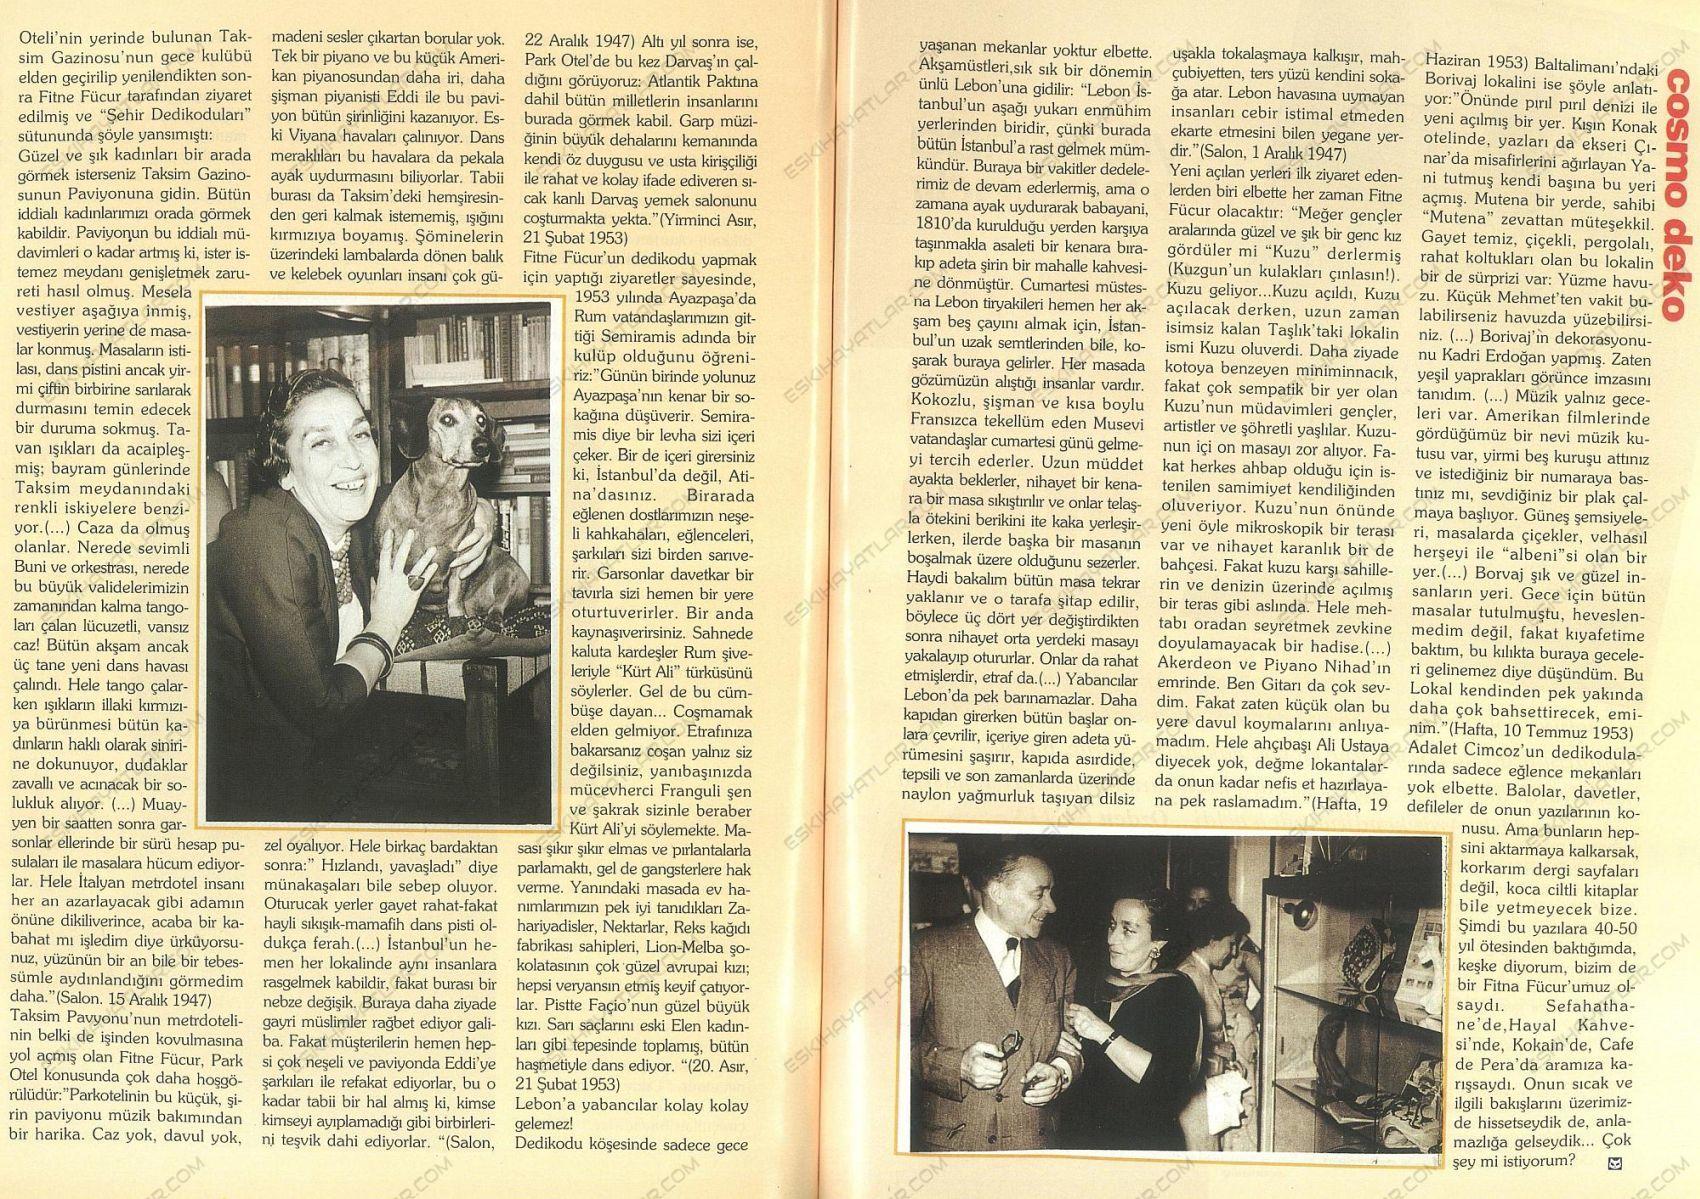 0155-eski-istanbul-nasildi-1940-larda-turkiye-adalet-cimcoz-roportaji-1994-cosmopolitan-dergisi (7)